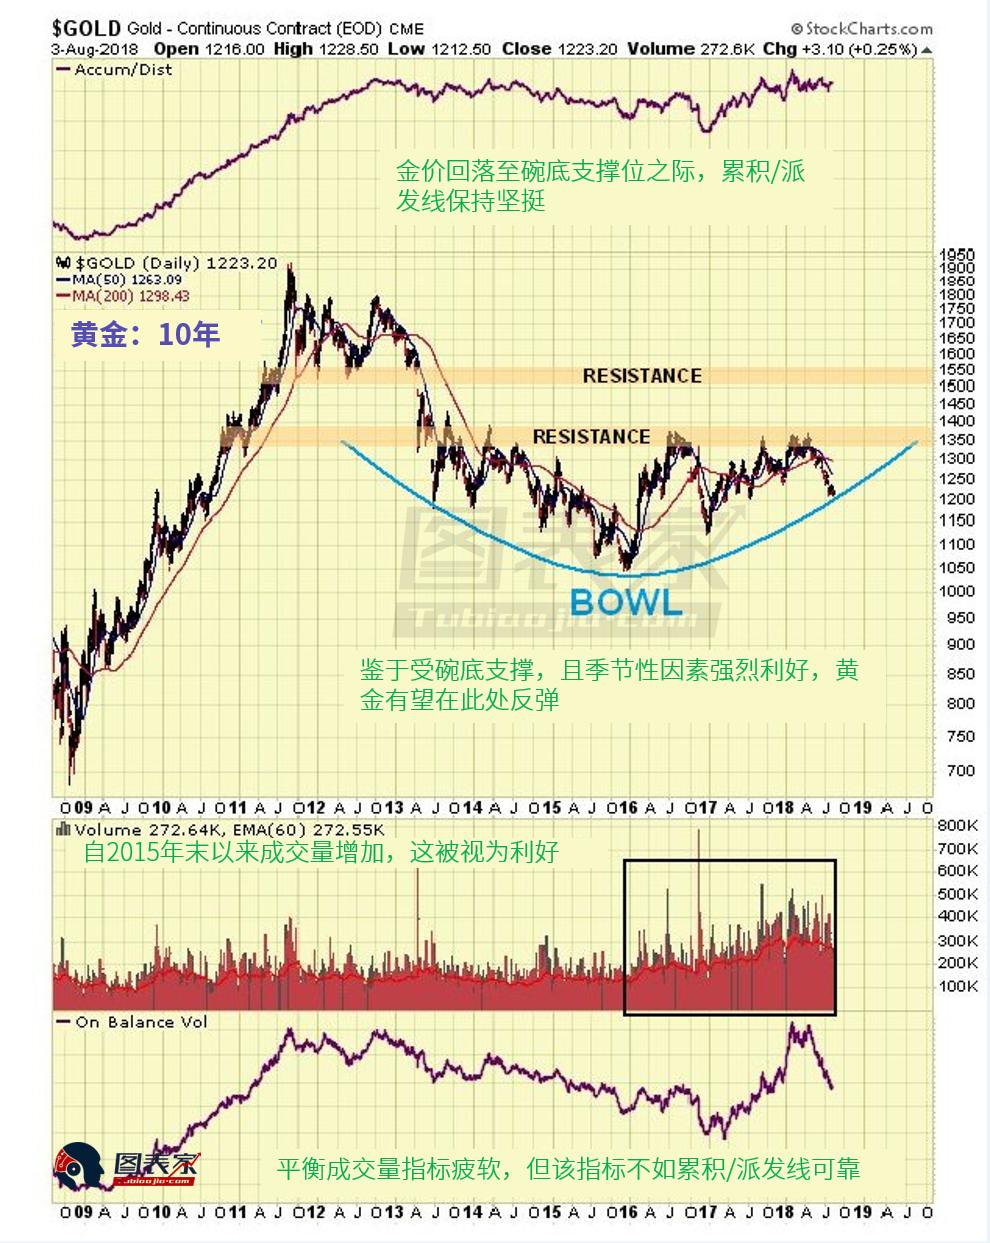 黄金危险水平方针显现,现在买入黄金的危险较低。该方针与金价走势密切相关。